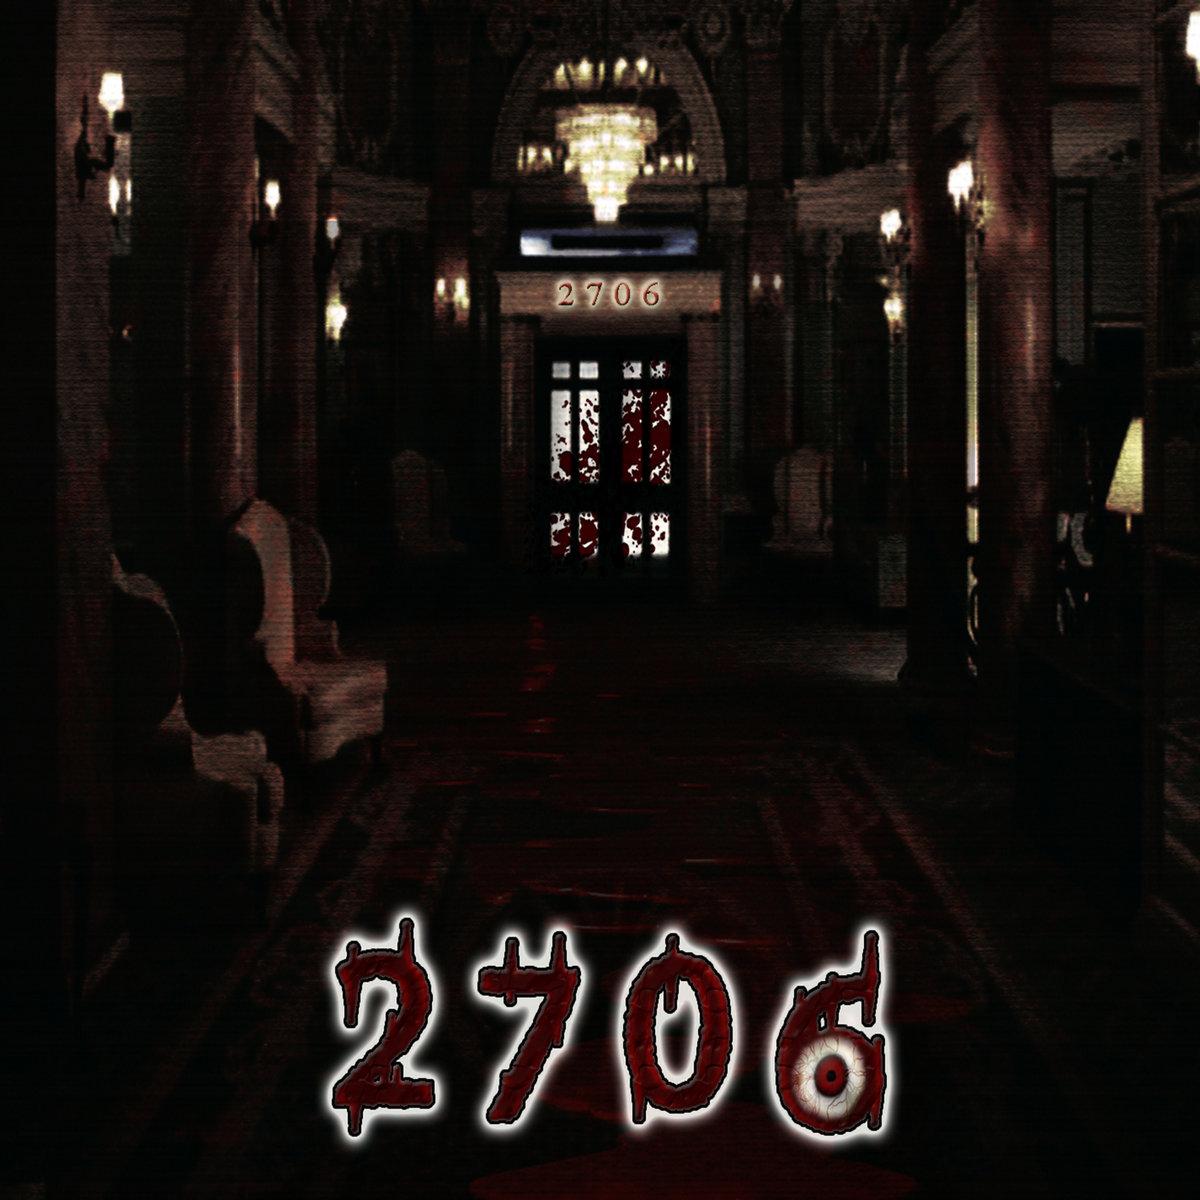 2706. by Mystary